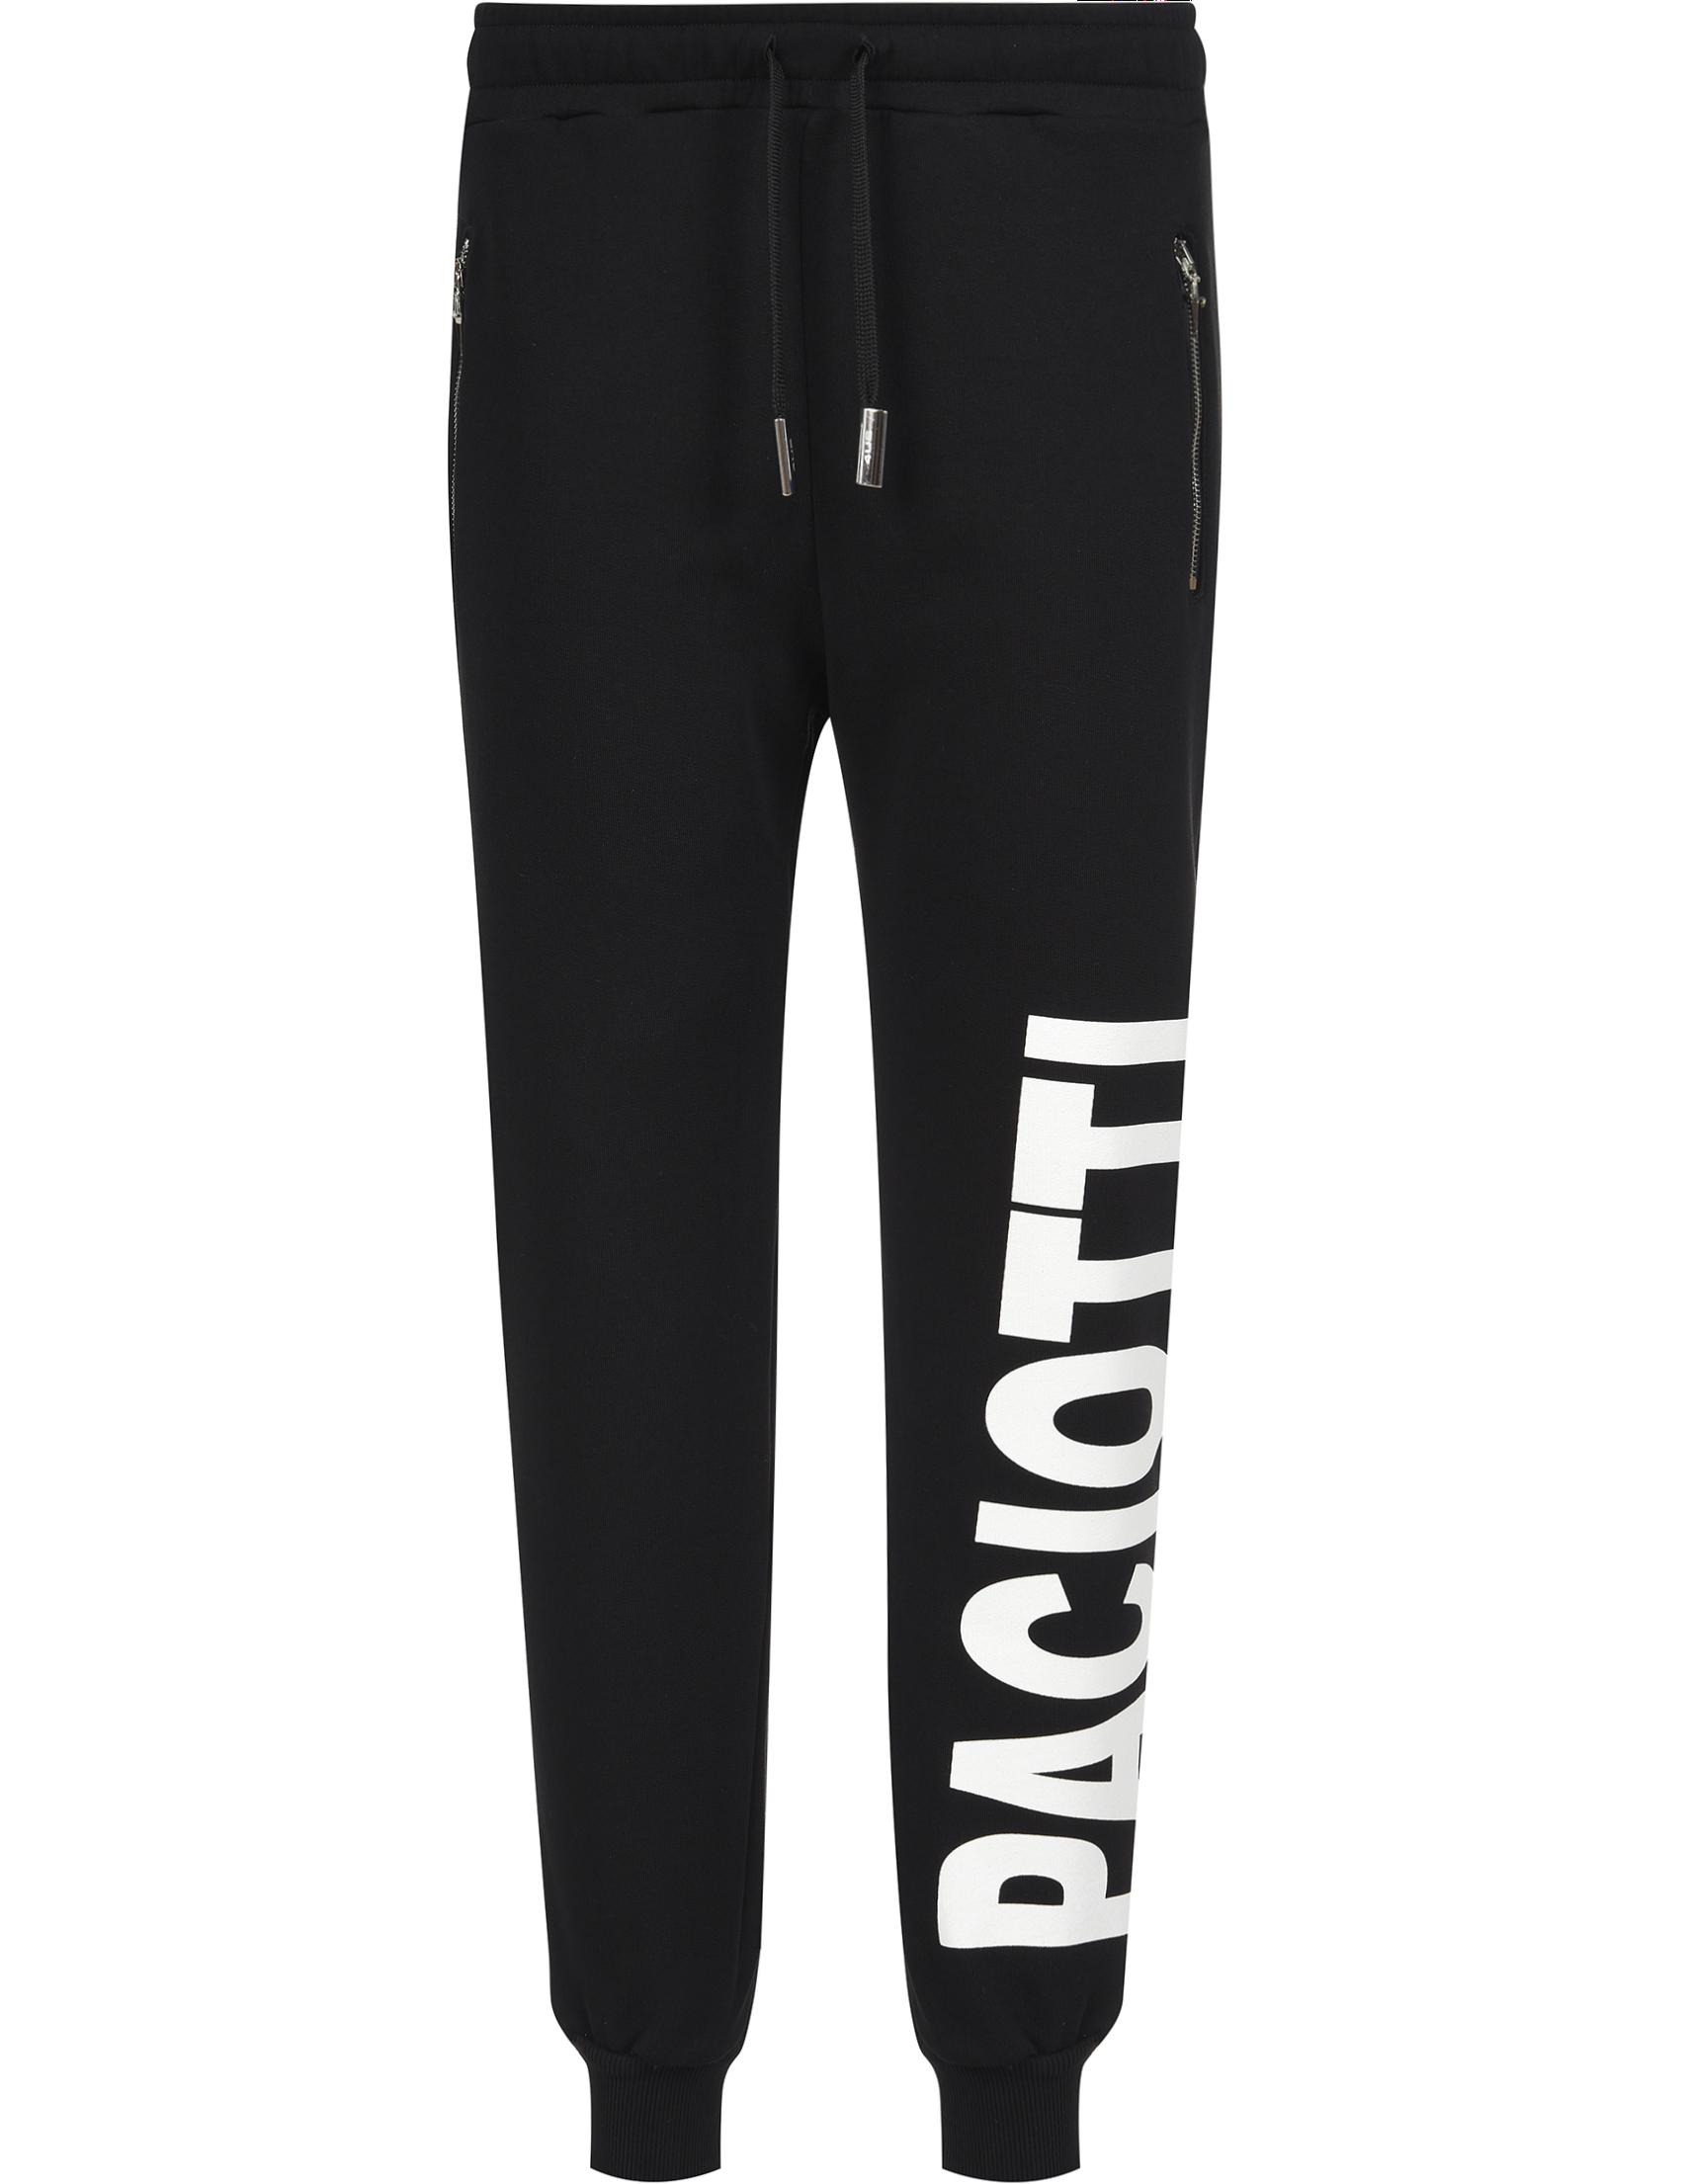 Купить Спортивные брюки, 4US CESARE PACIOTTI, Черный, 100%Хлопок, Весна-Лето